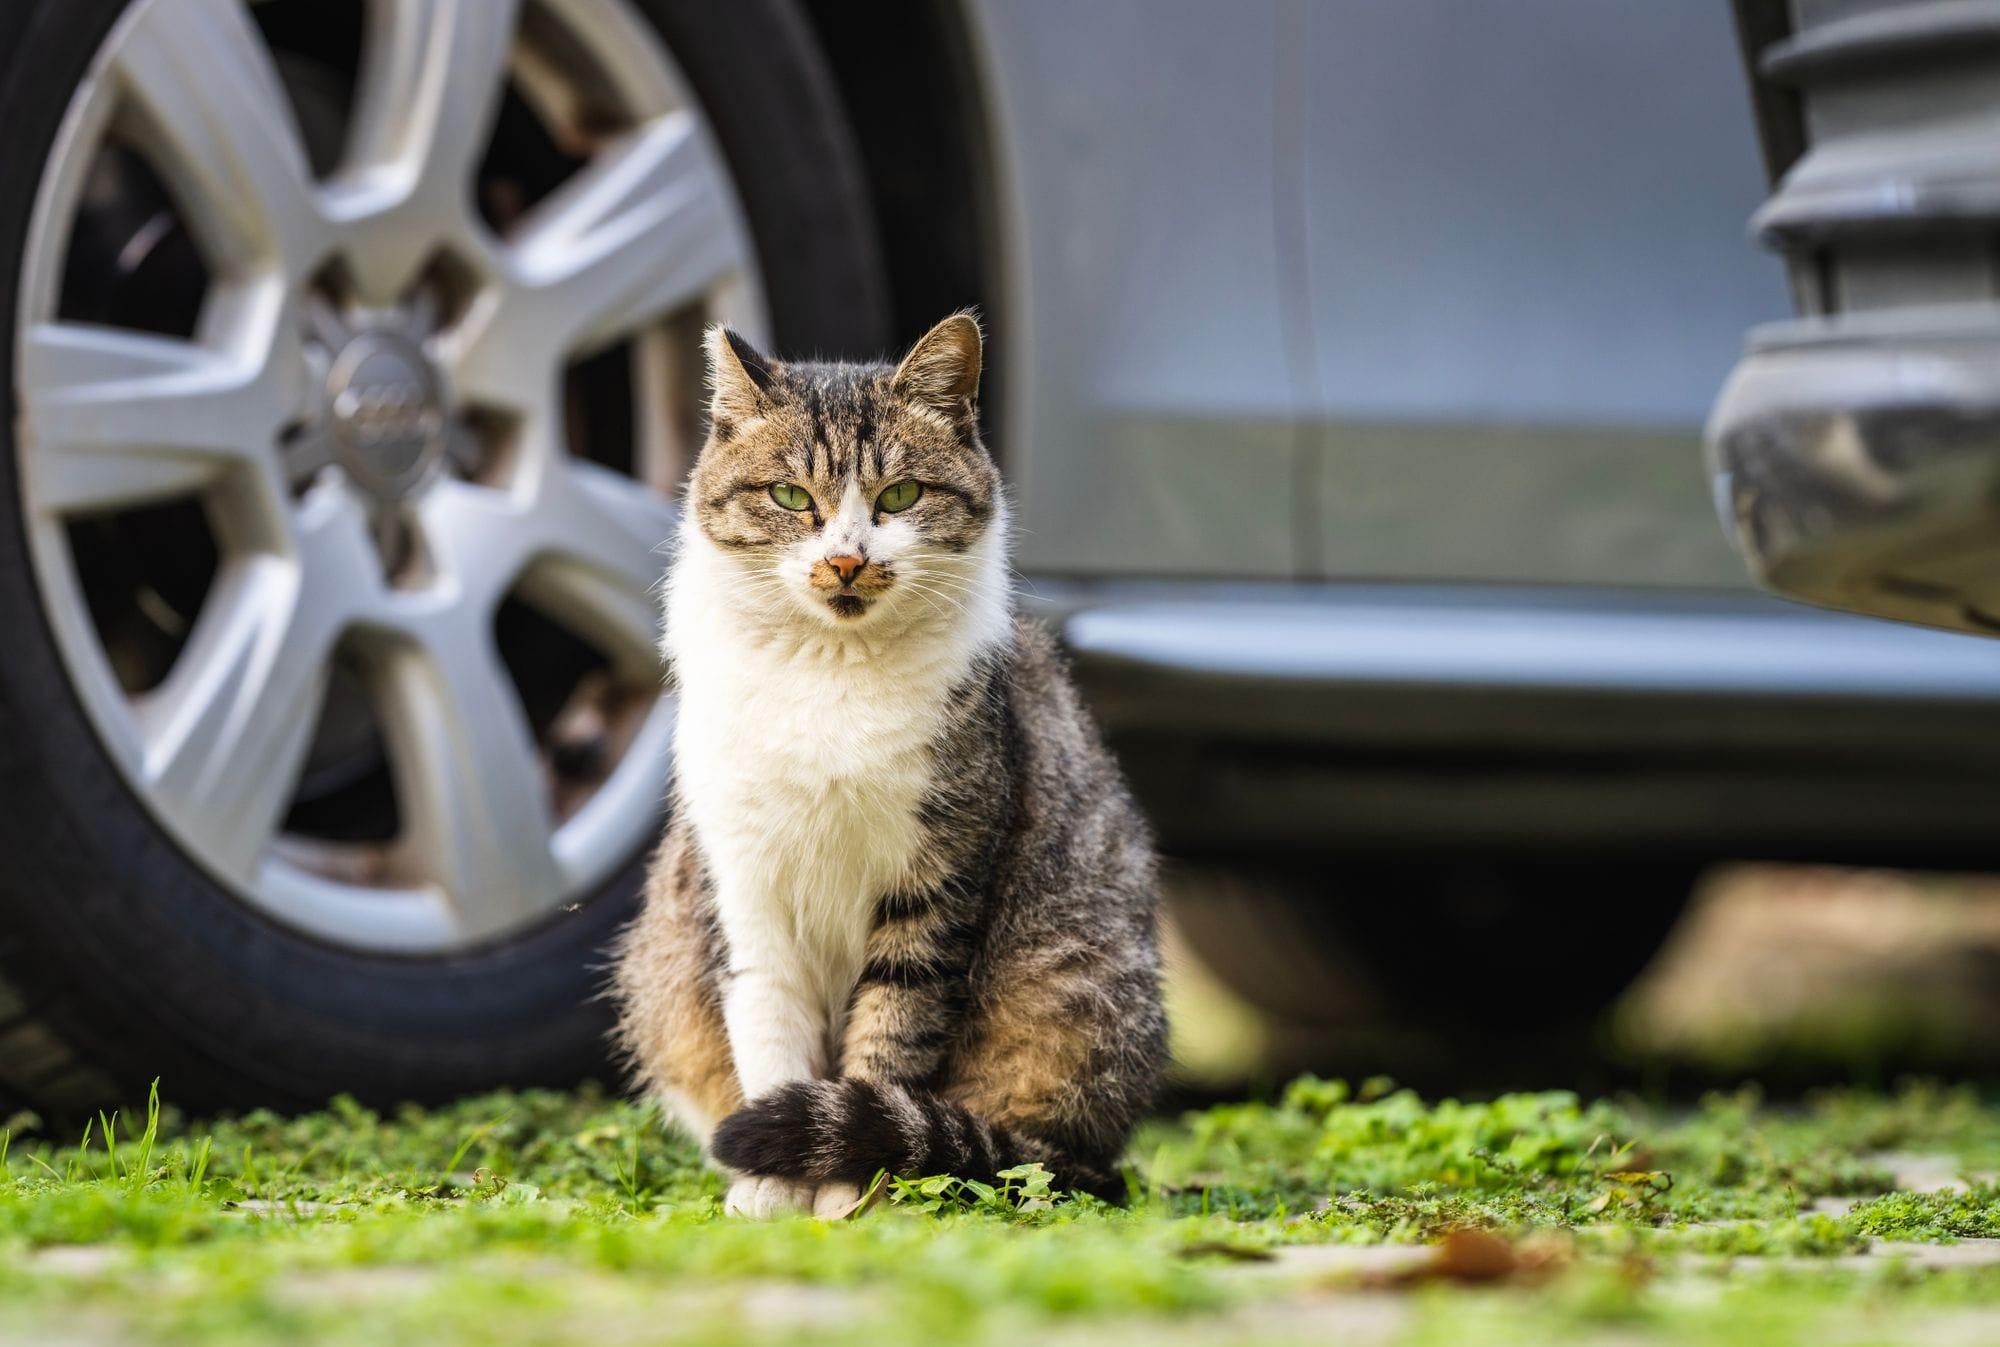 μια γάτα κοιτάζει ευθεία μπροστά, πίσω της φαίνεται ρόδα αυτοκινήτου